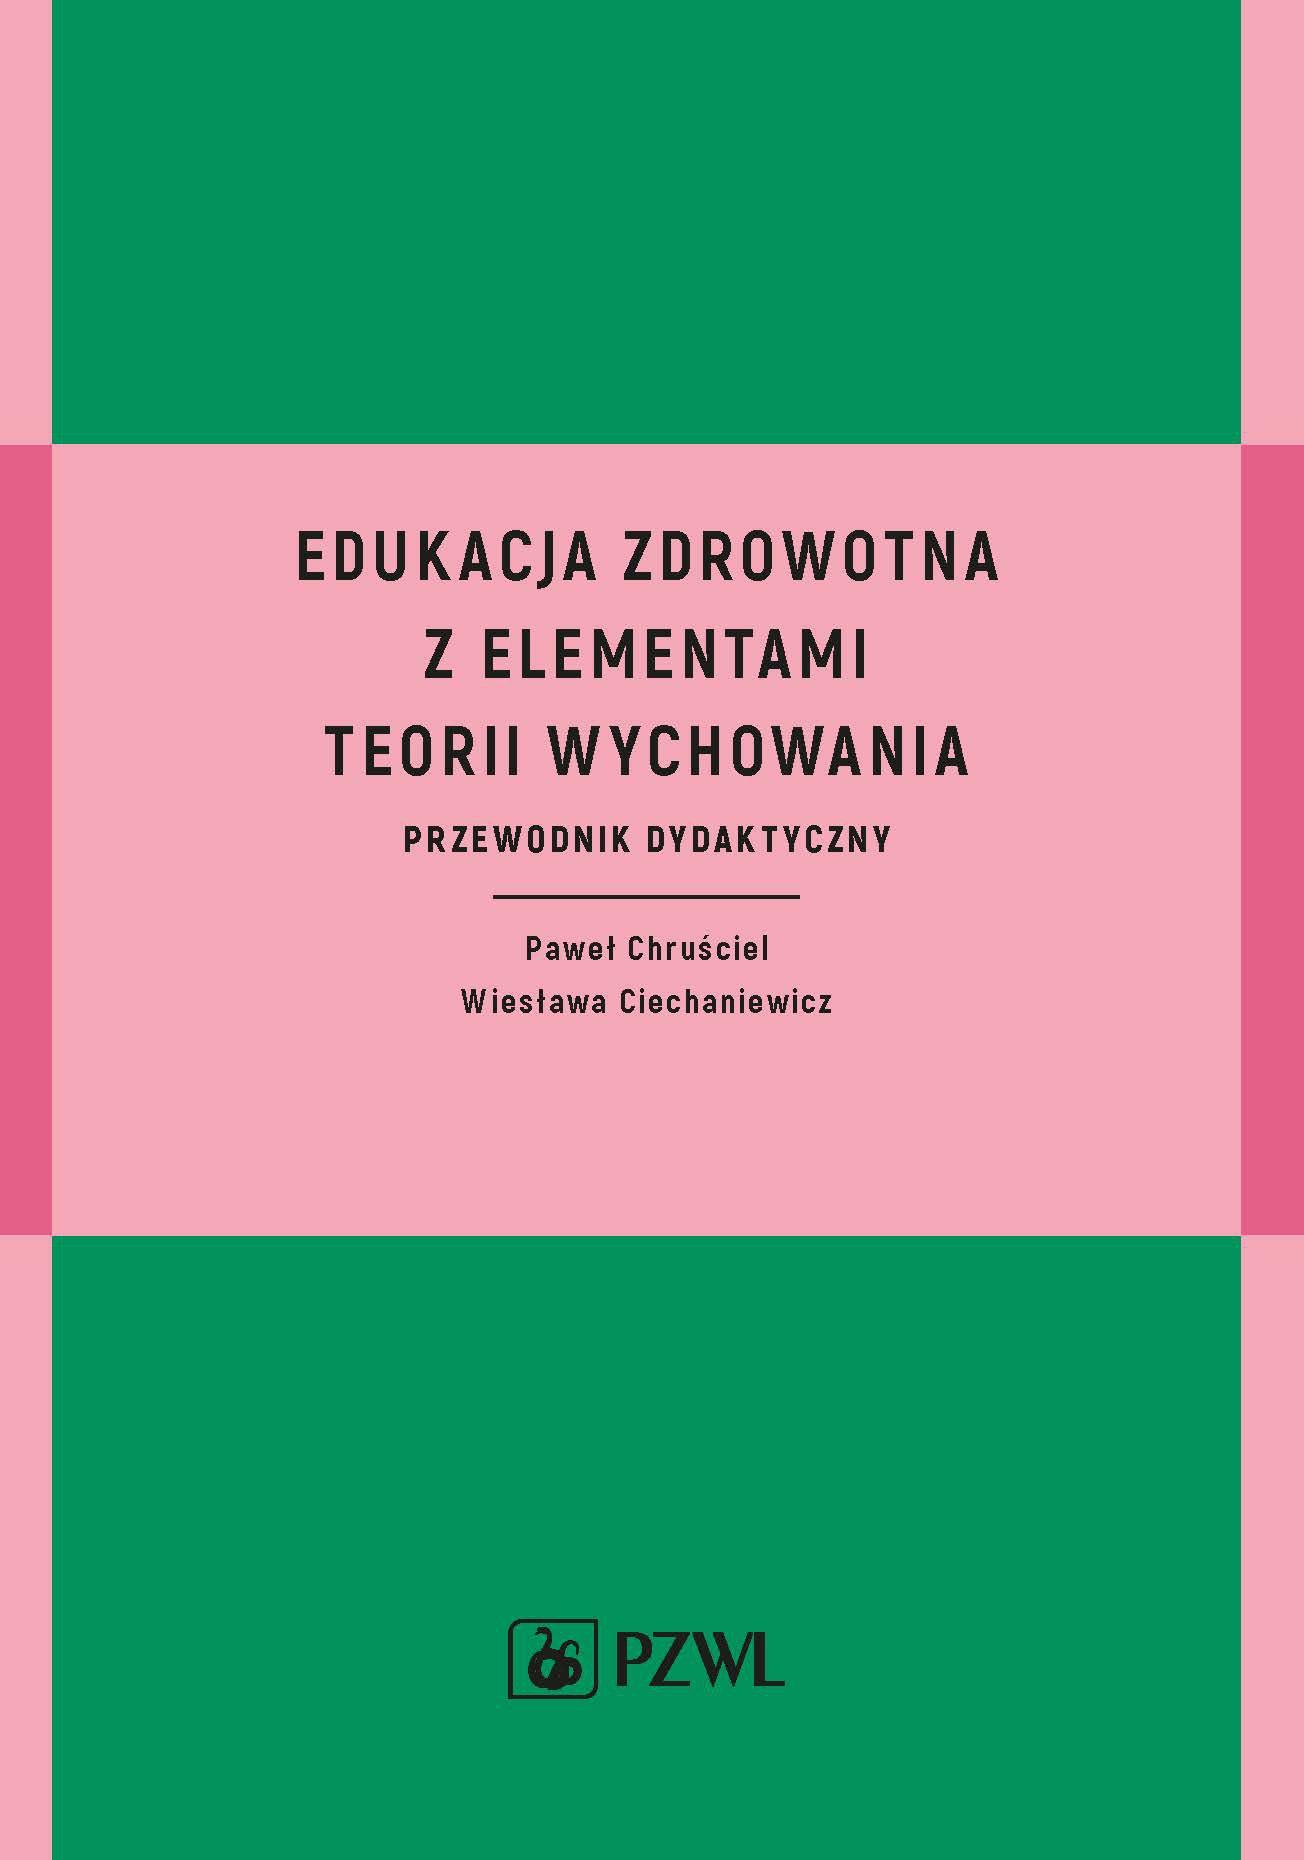 Edukacja zdrowotna z elementami teorii wychowania - Ebook (Książka na Kindle) do pobrania w formacie MOBI